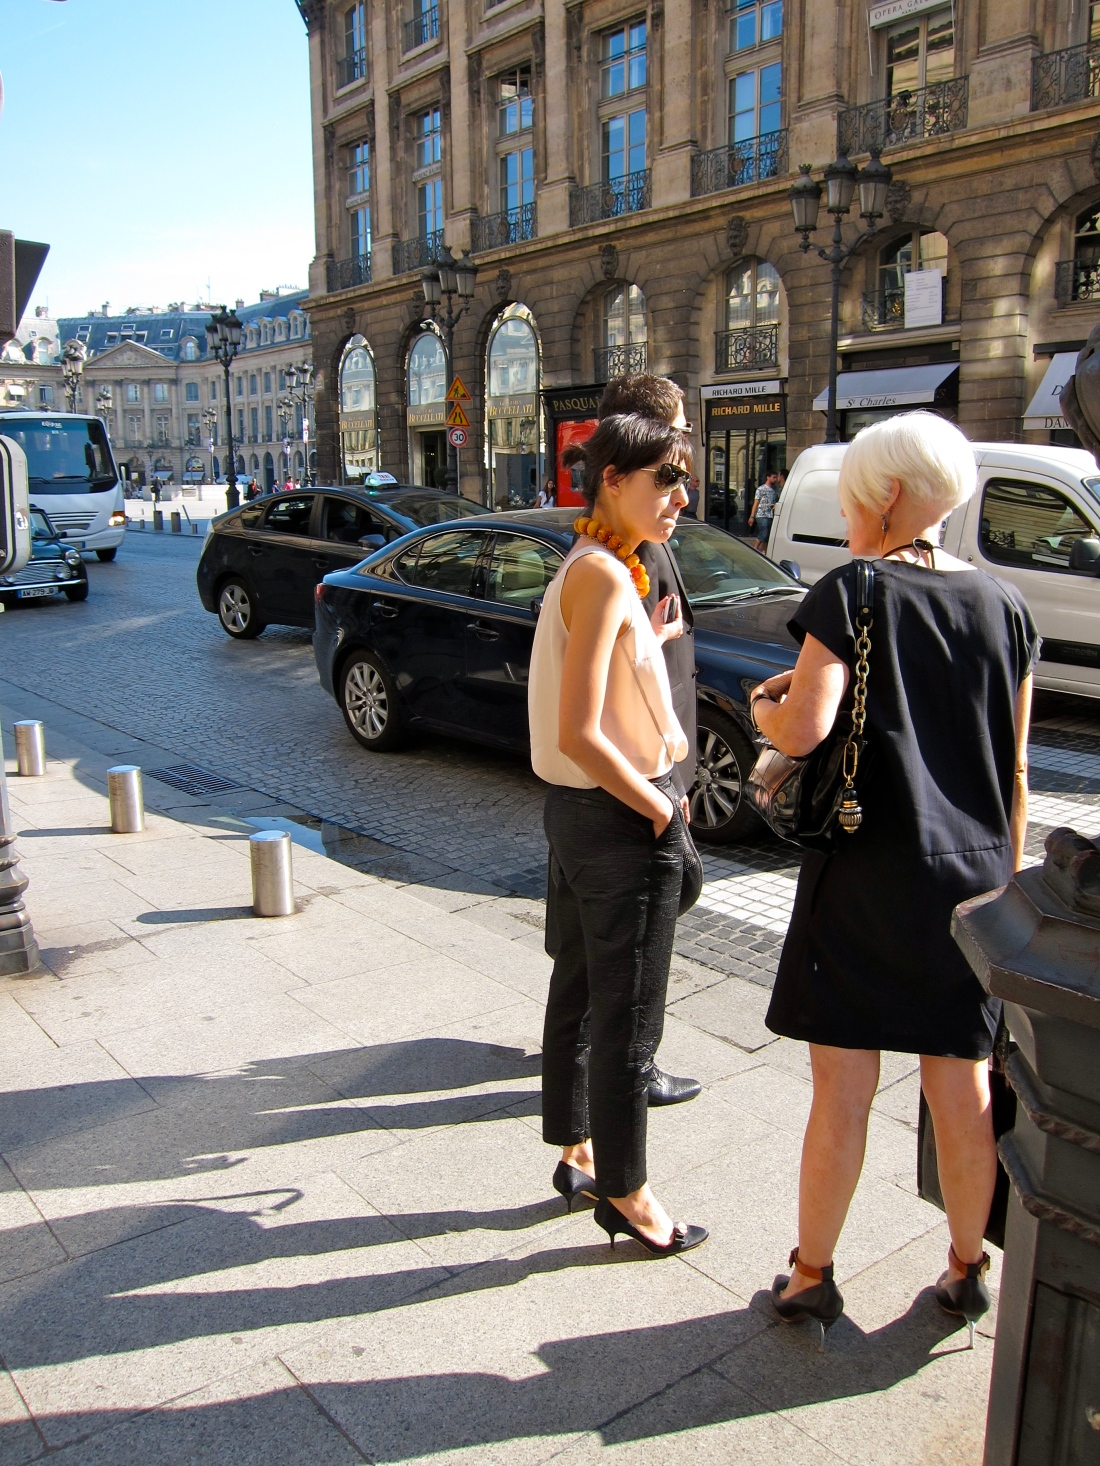 On the Street...Pl. Vendôme/Rue Saint-Honoré, Paris, France